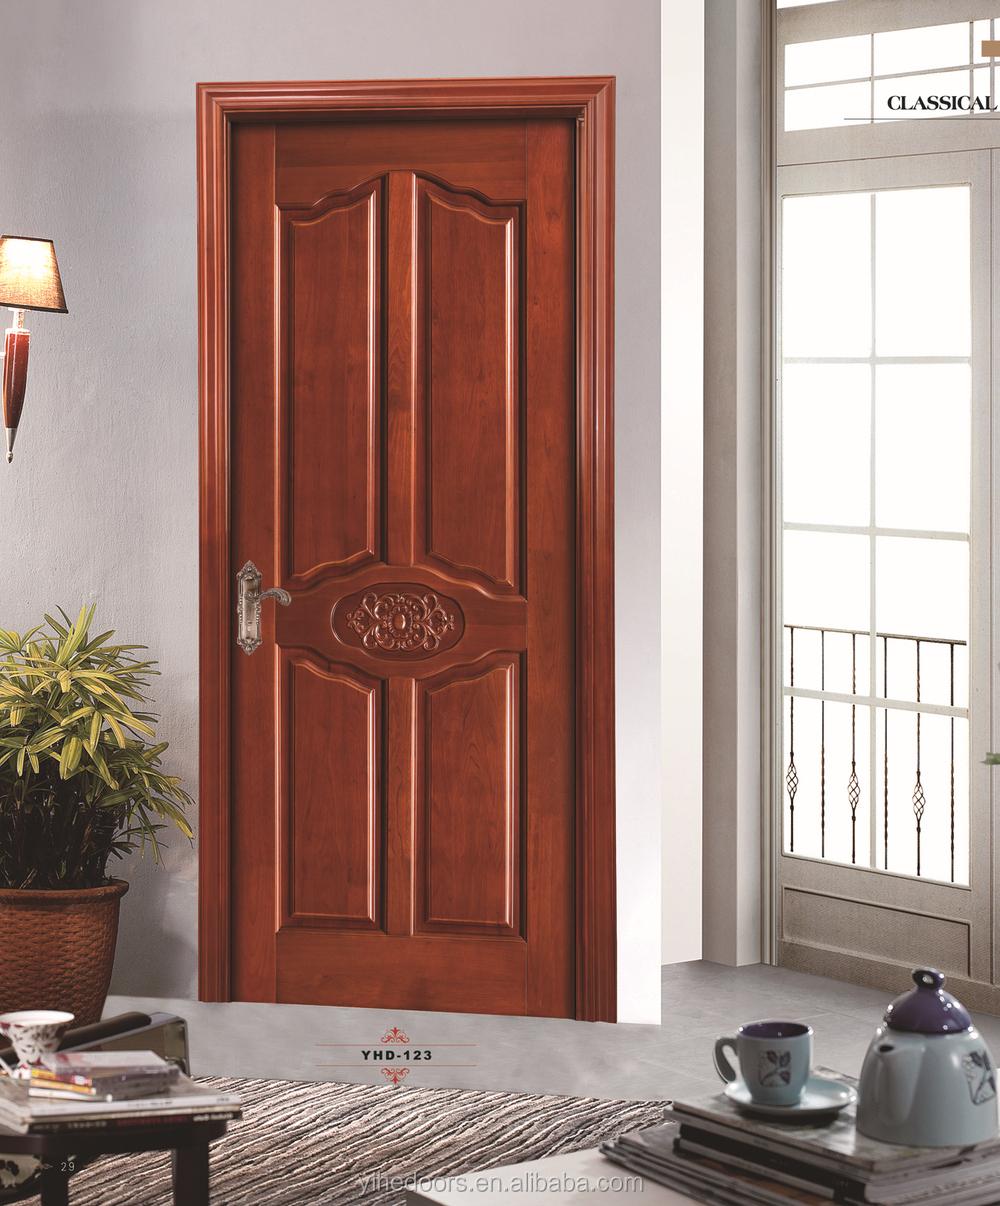 Luxury 2 Panel Painted Interior Solid Timber Door For Bedroom Buy